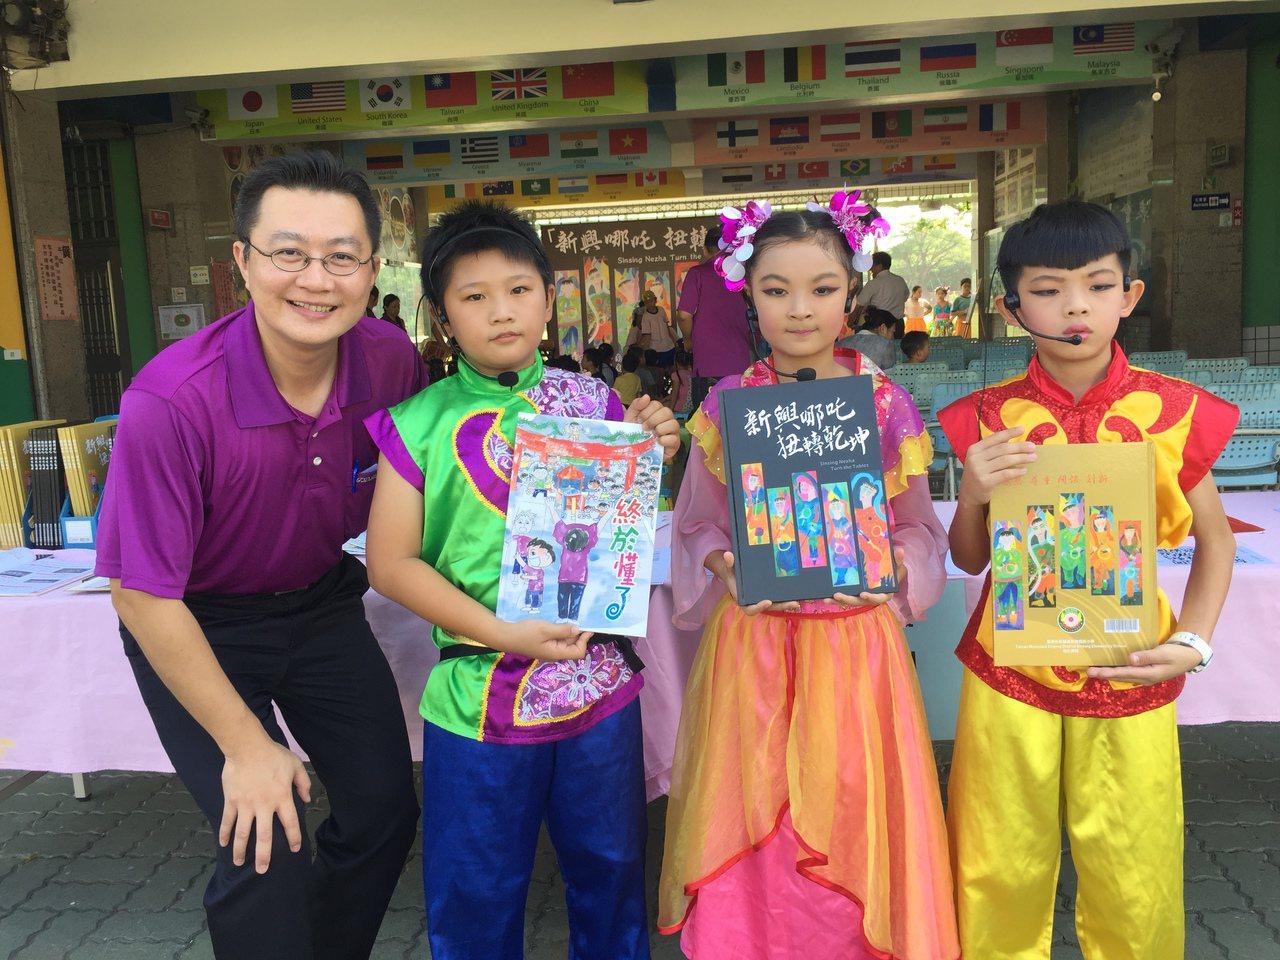 台南市新營區新興國小發表「新興哪吒,扭轉乾坤」新書。記者吳政修/攝影